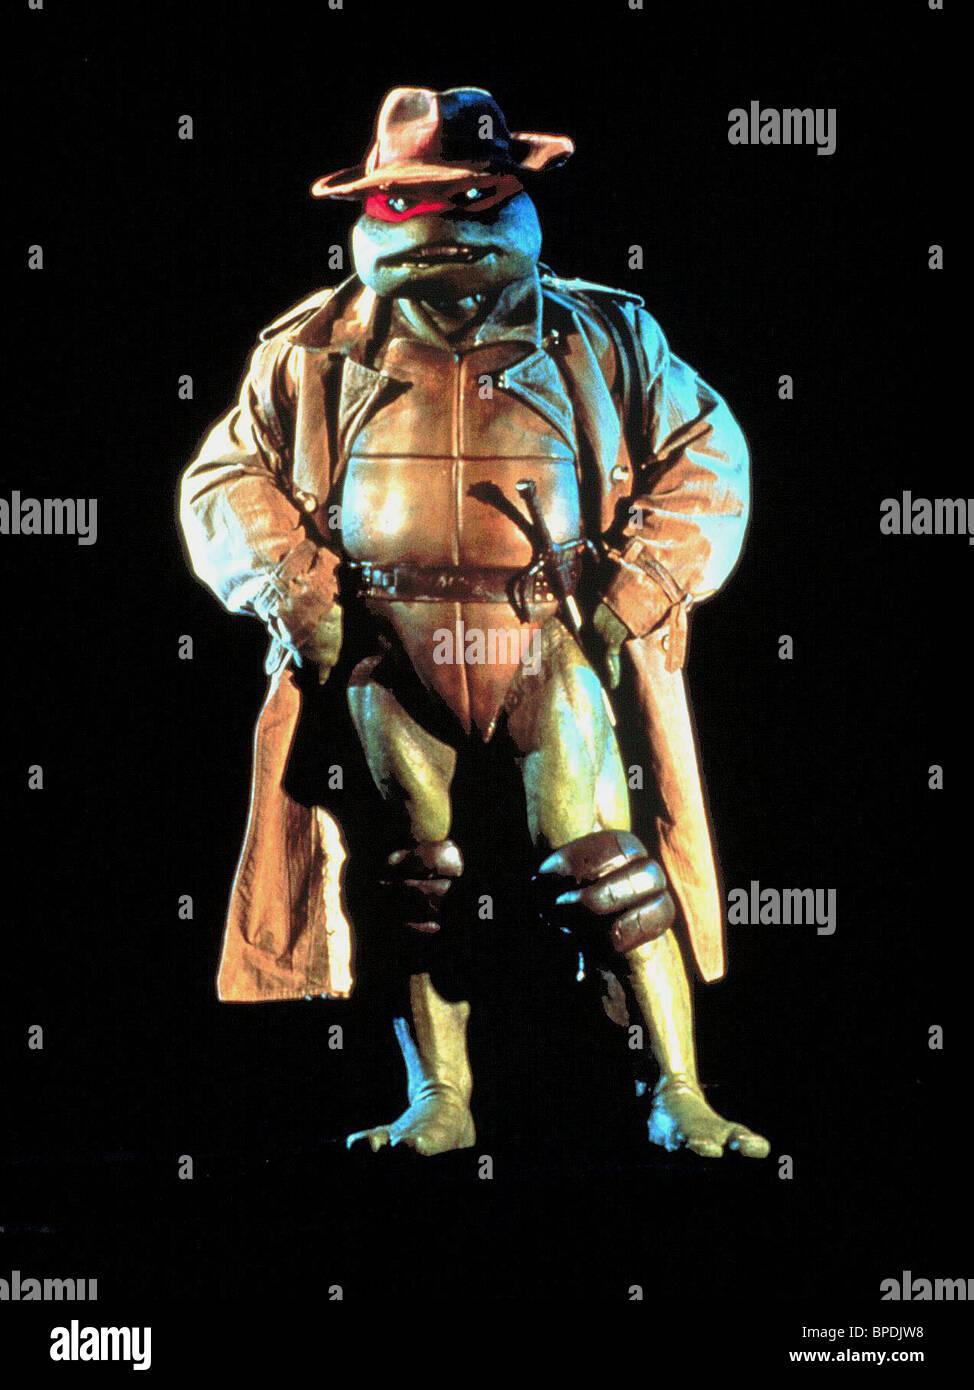 RAPHAEL TEENAGE MUTANT NINJA TURTLES (1990) - Stock Image